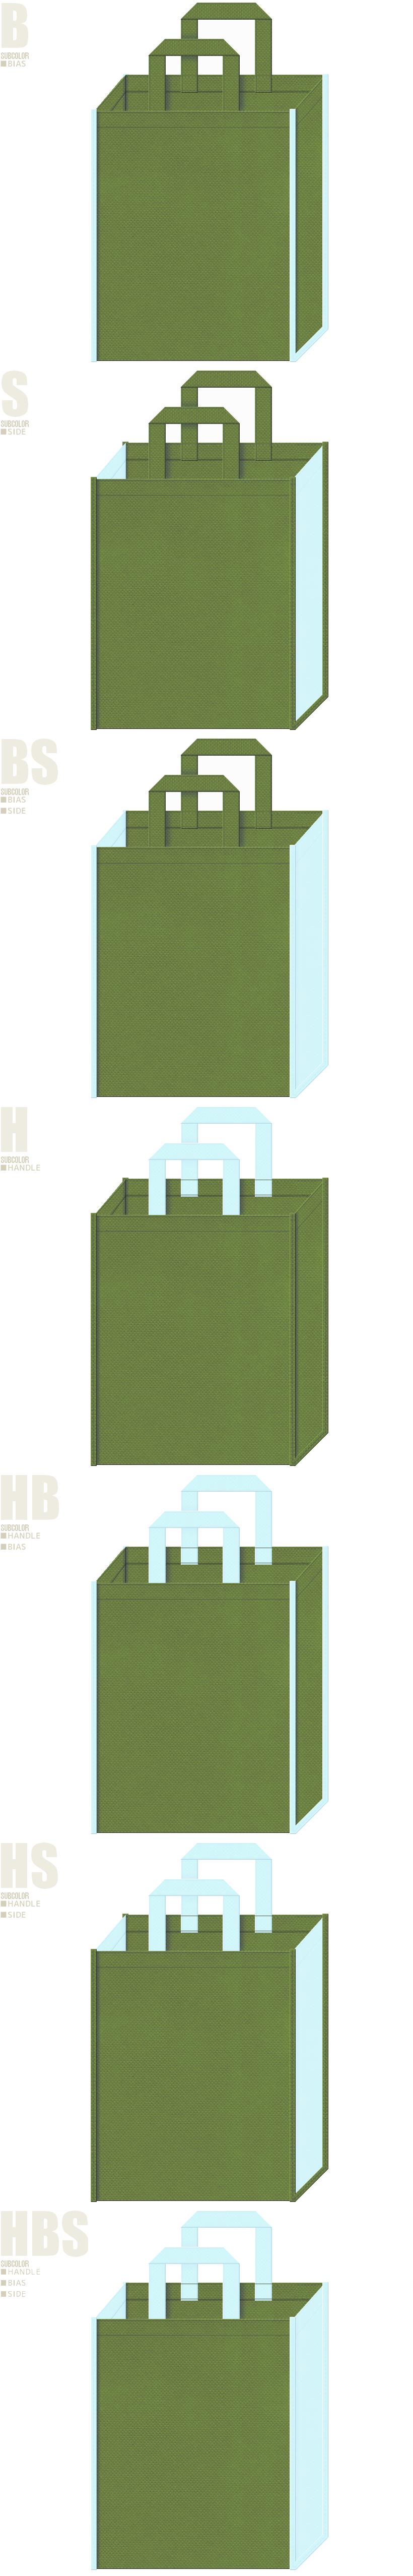 草色と水色、7パターンの不織布トートバッグ配色デザイン例。和風庭園のバッグノベルティ、造園用品の展示会用バッグにお奨めです。